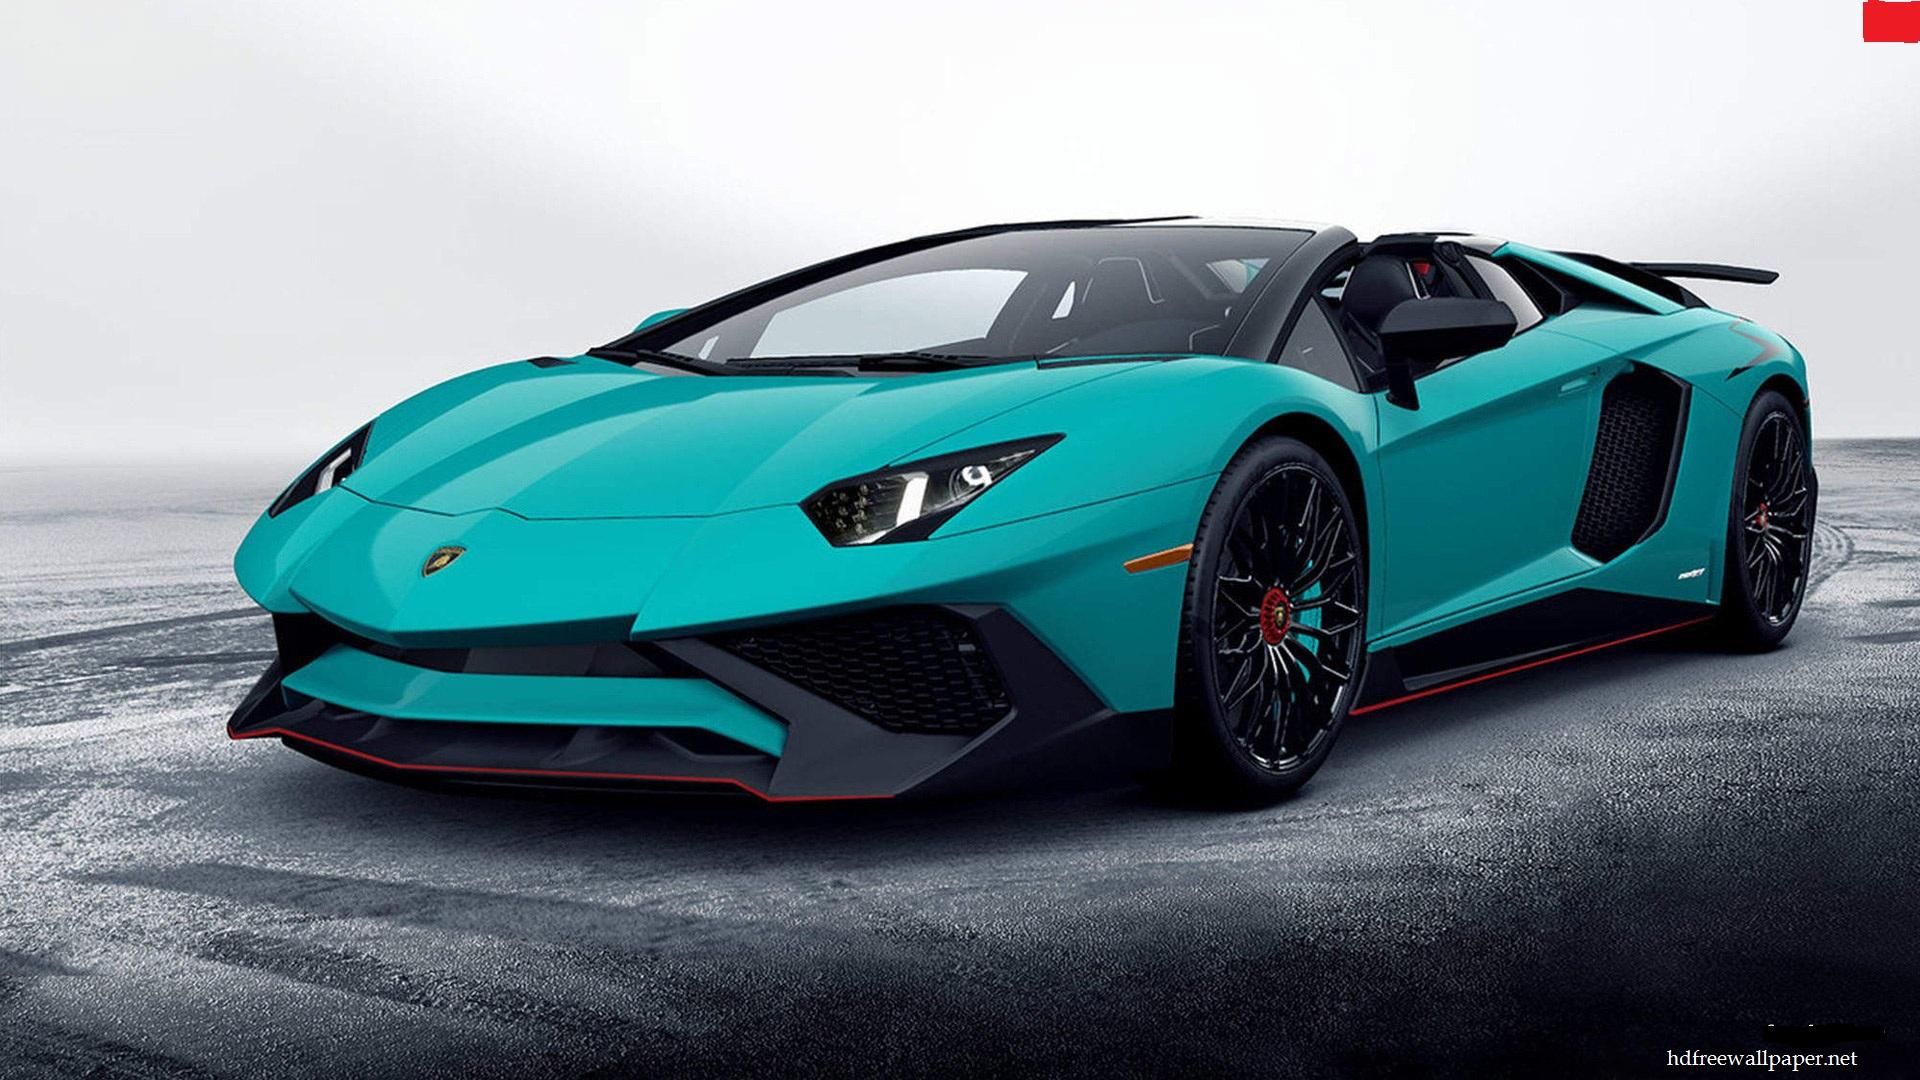 Lamborghini Images For Iphone